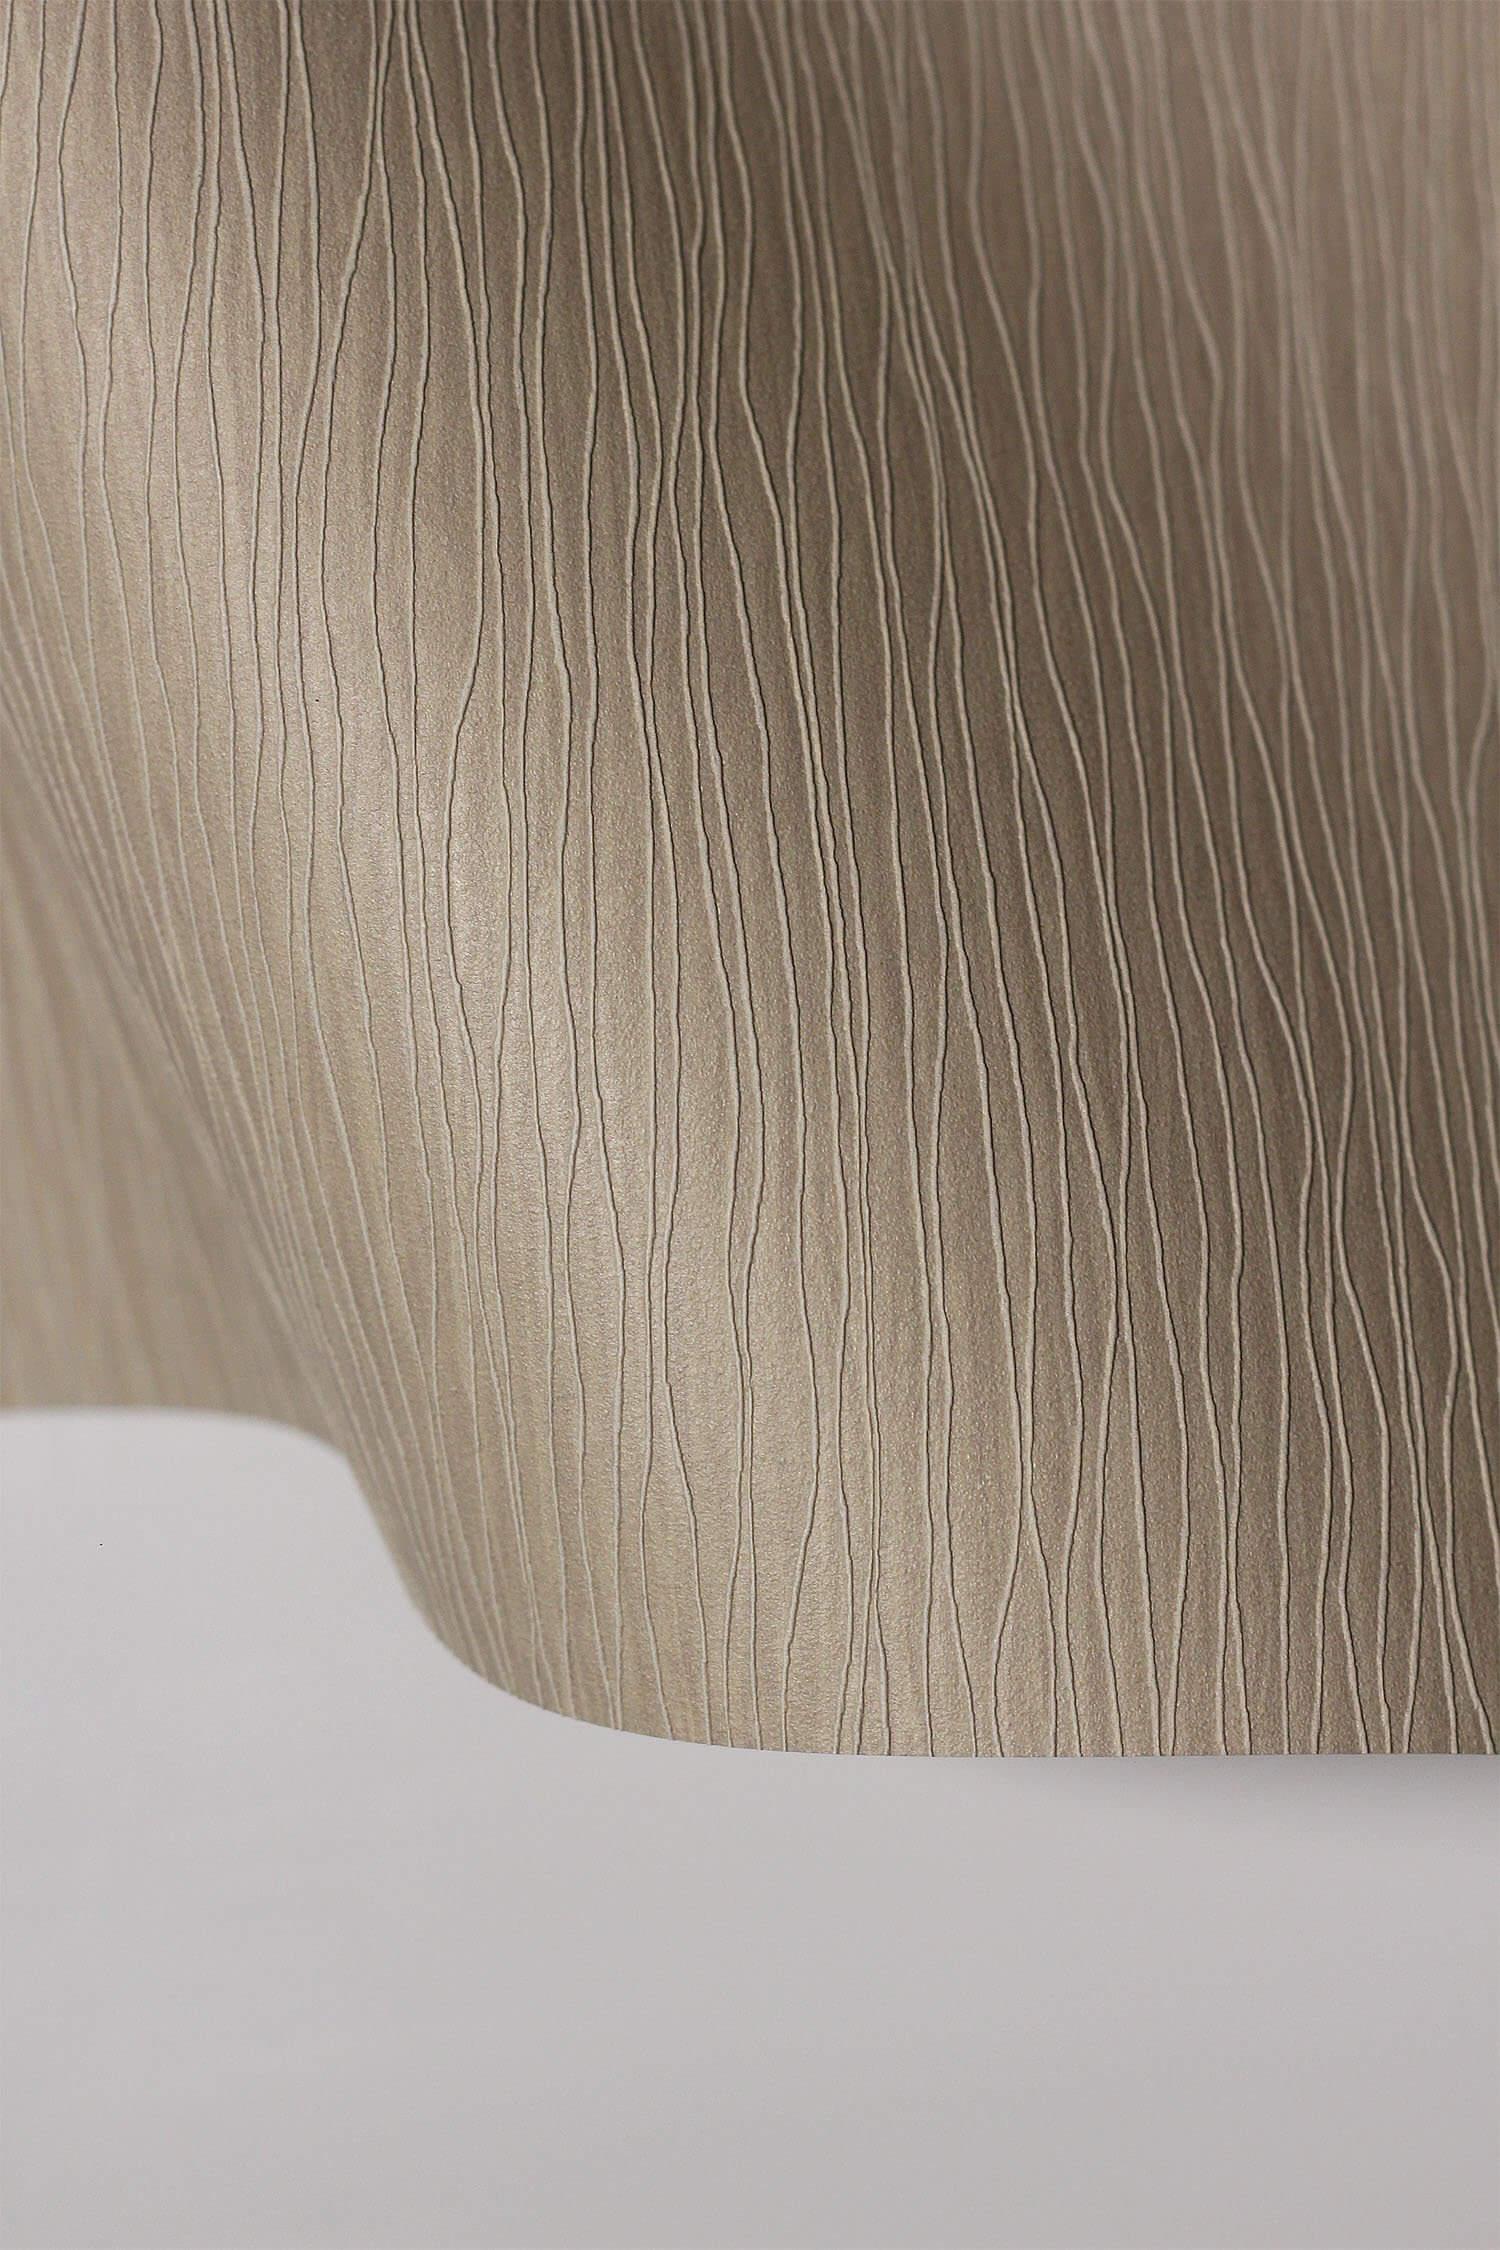 Vliestapete weiß braun  Ligno Weiß Braun